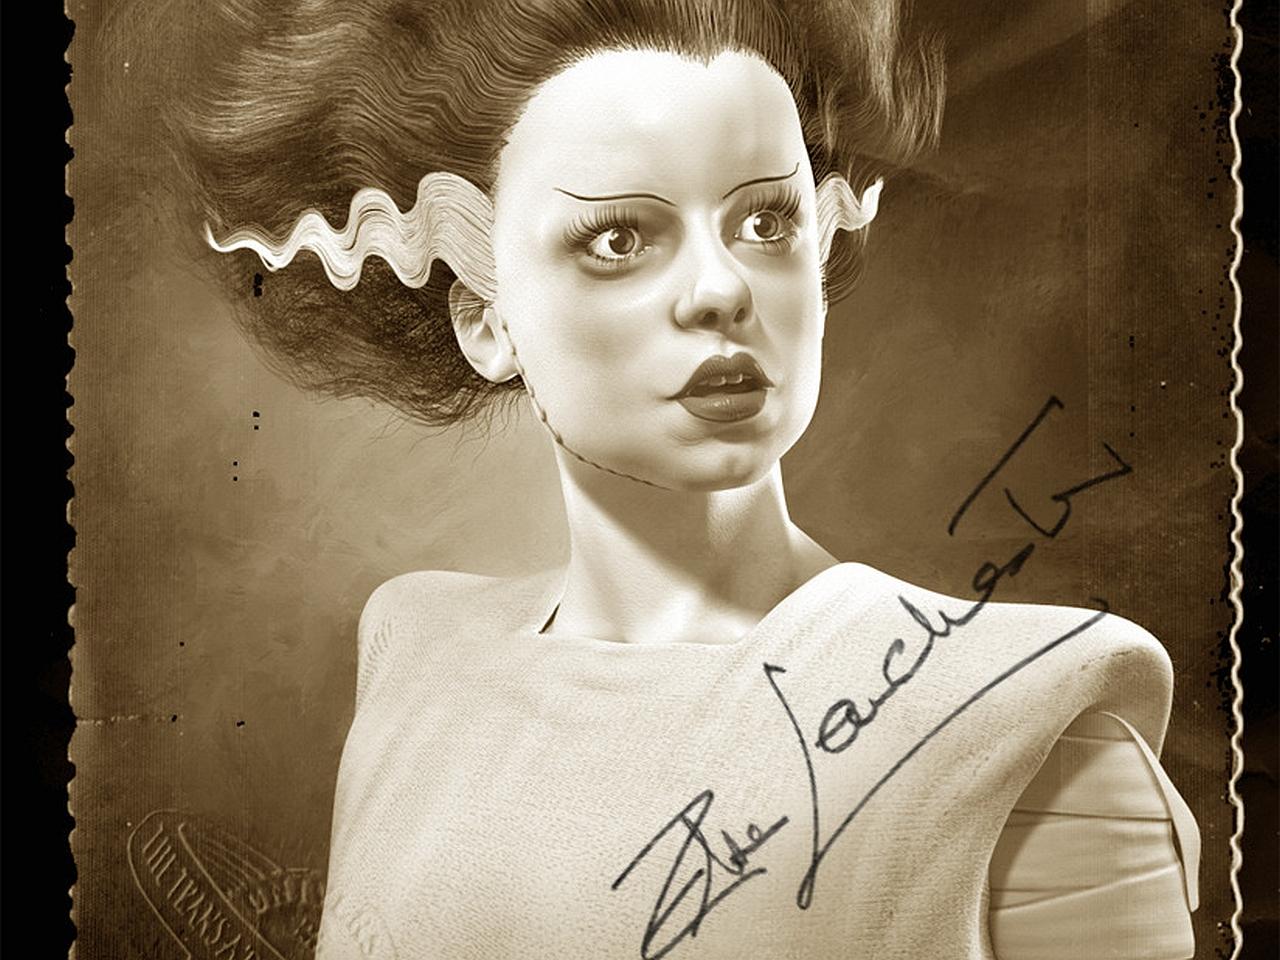 The Bride Of Frankenstein Computer Wallpapers Desktop Backgrounds 1280x960